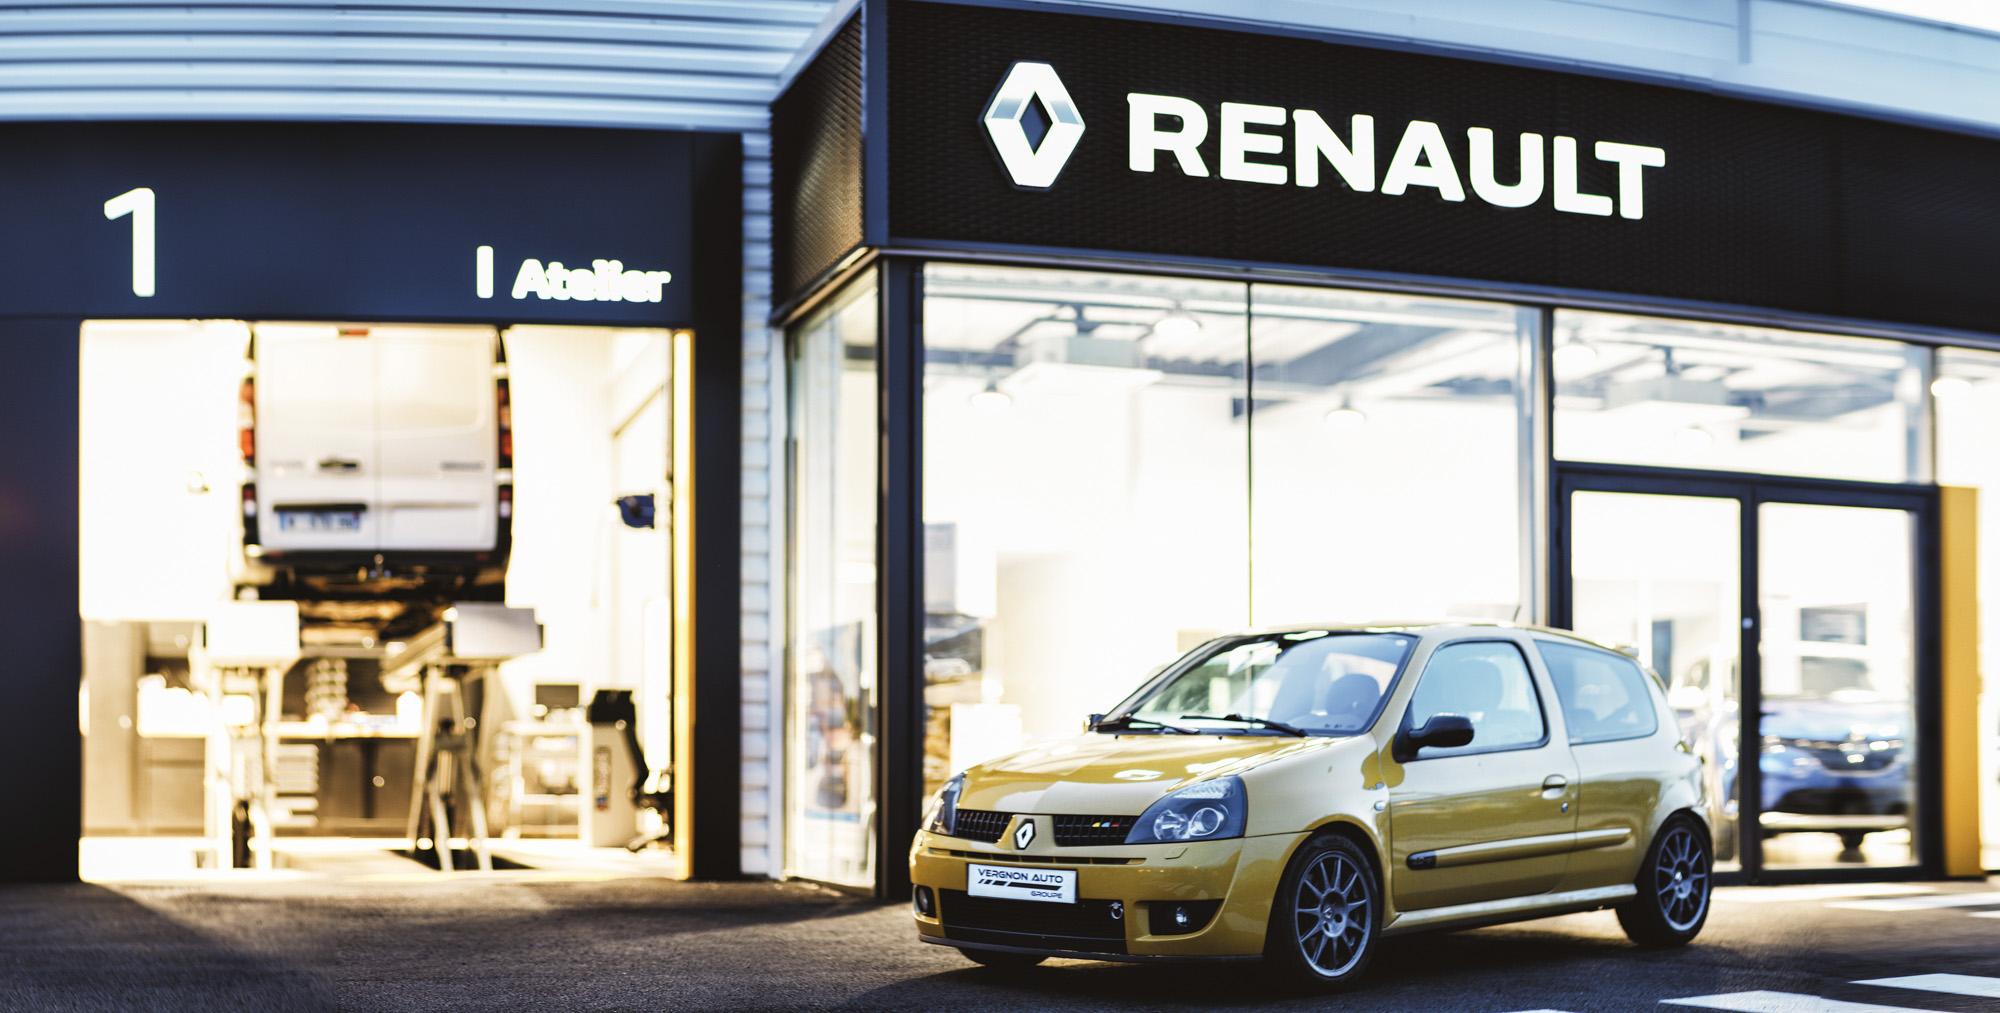 Arrêt aux stands dans les atelier mécanique et carrosserie de notre garage Renault Dacia de Sauve